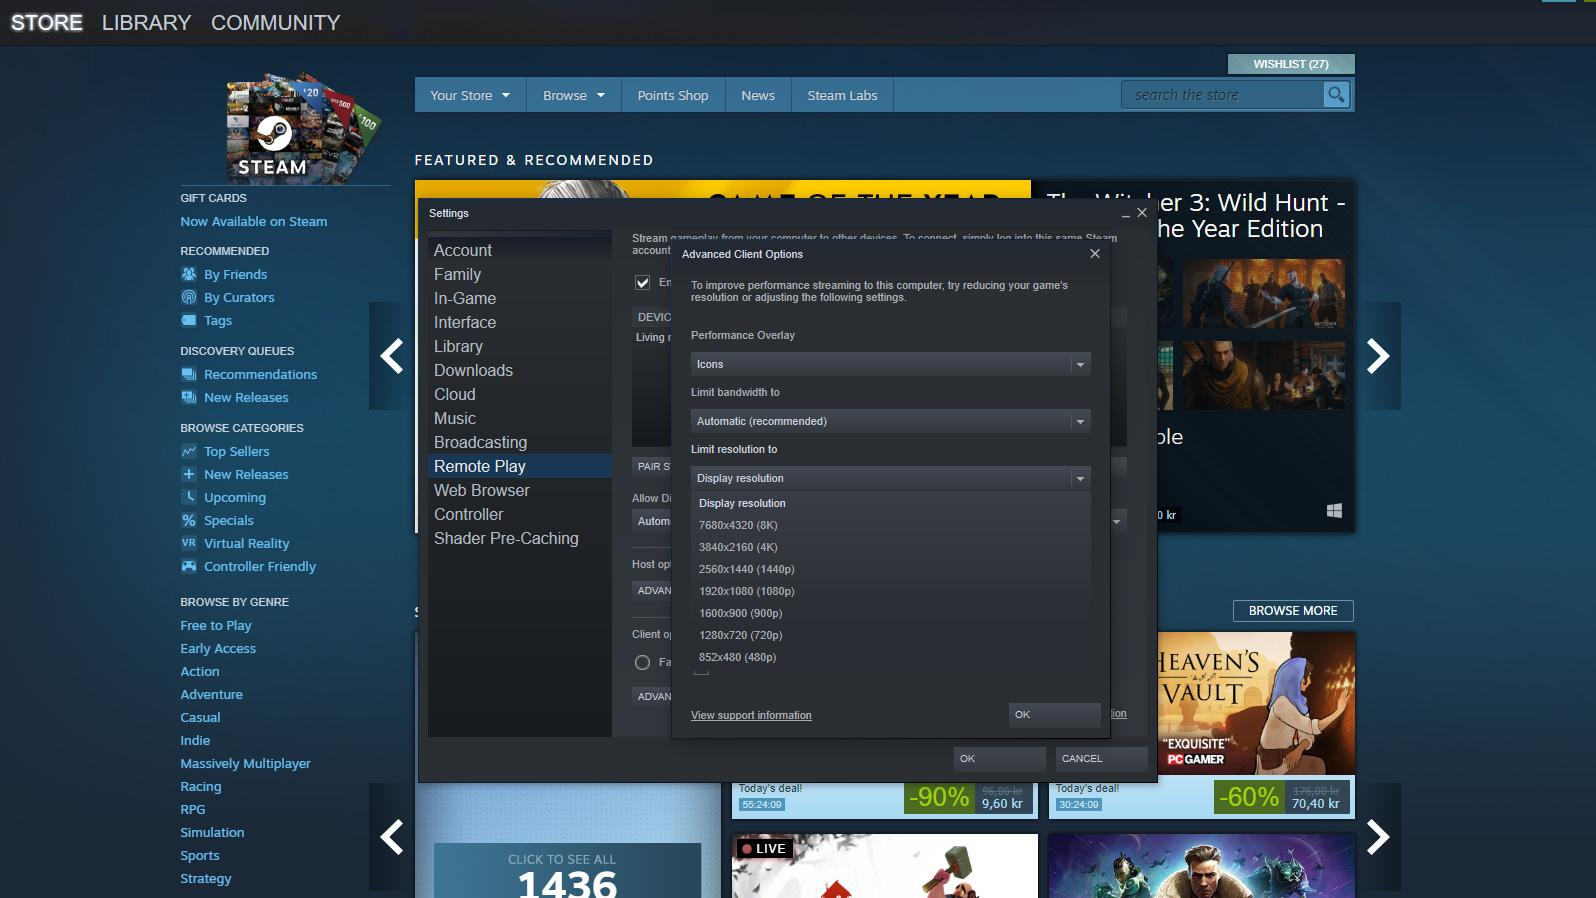 Steam-applikasjonen har nå fått mulighet for å strømme i 8K-oppløsning.